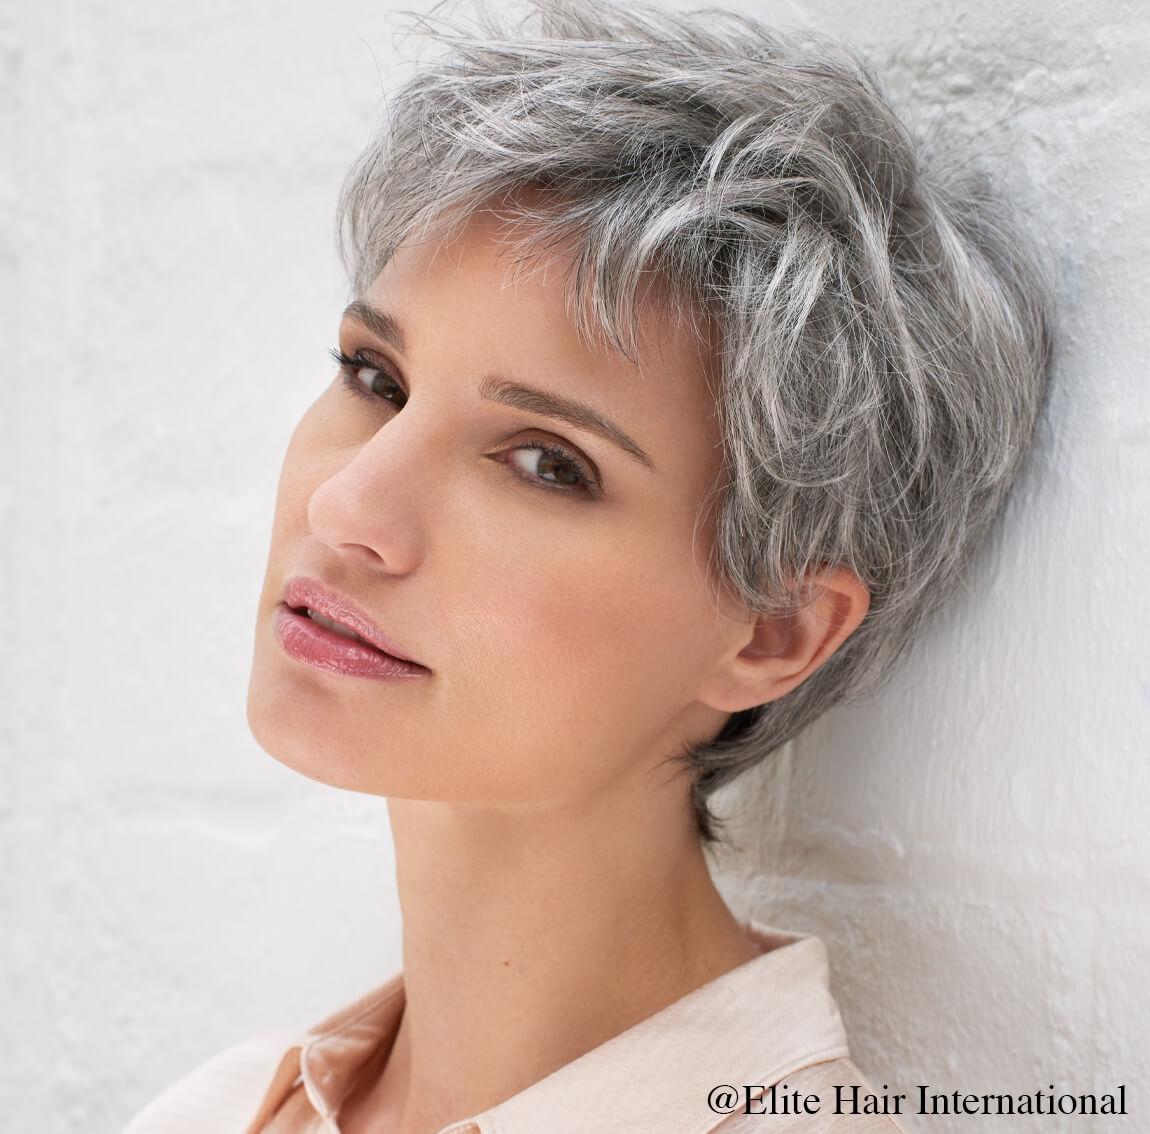 Portrait femme portant la perruque Secret, une chevelure courte en cheveux de synthèse d'Elite Hair International